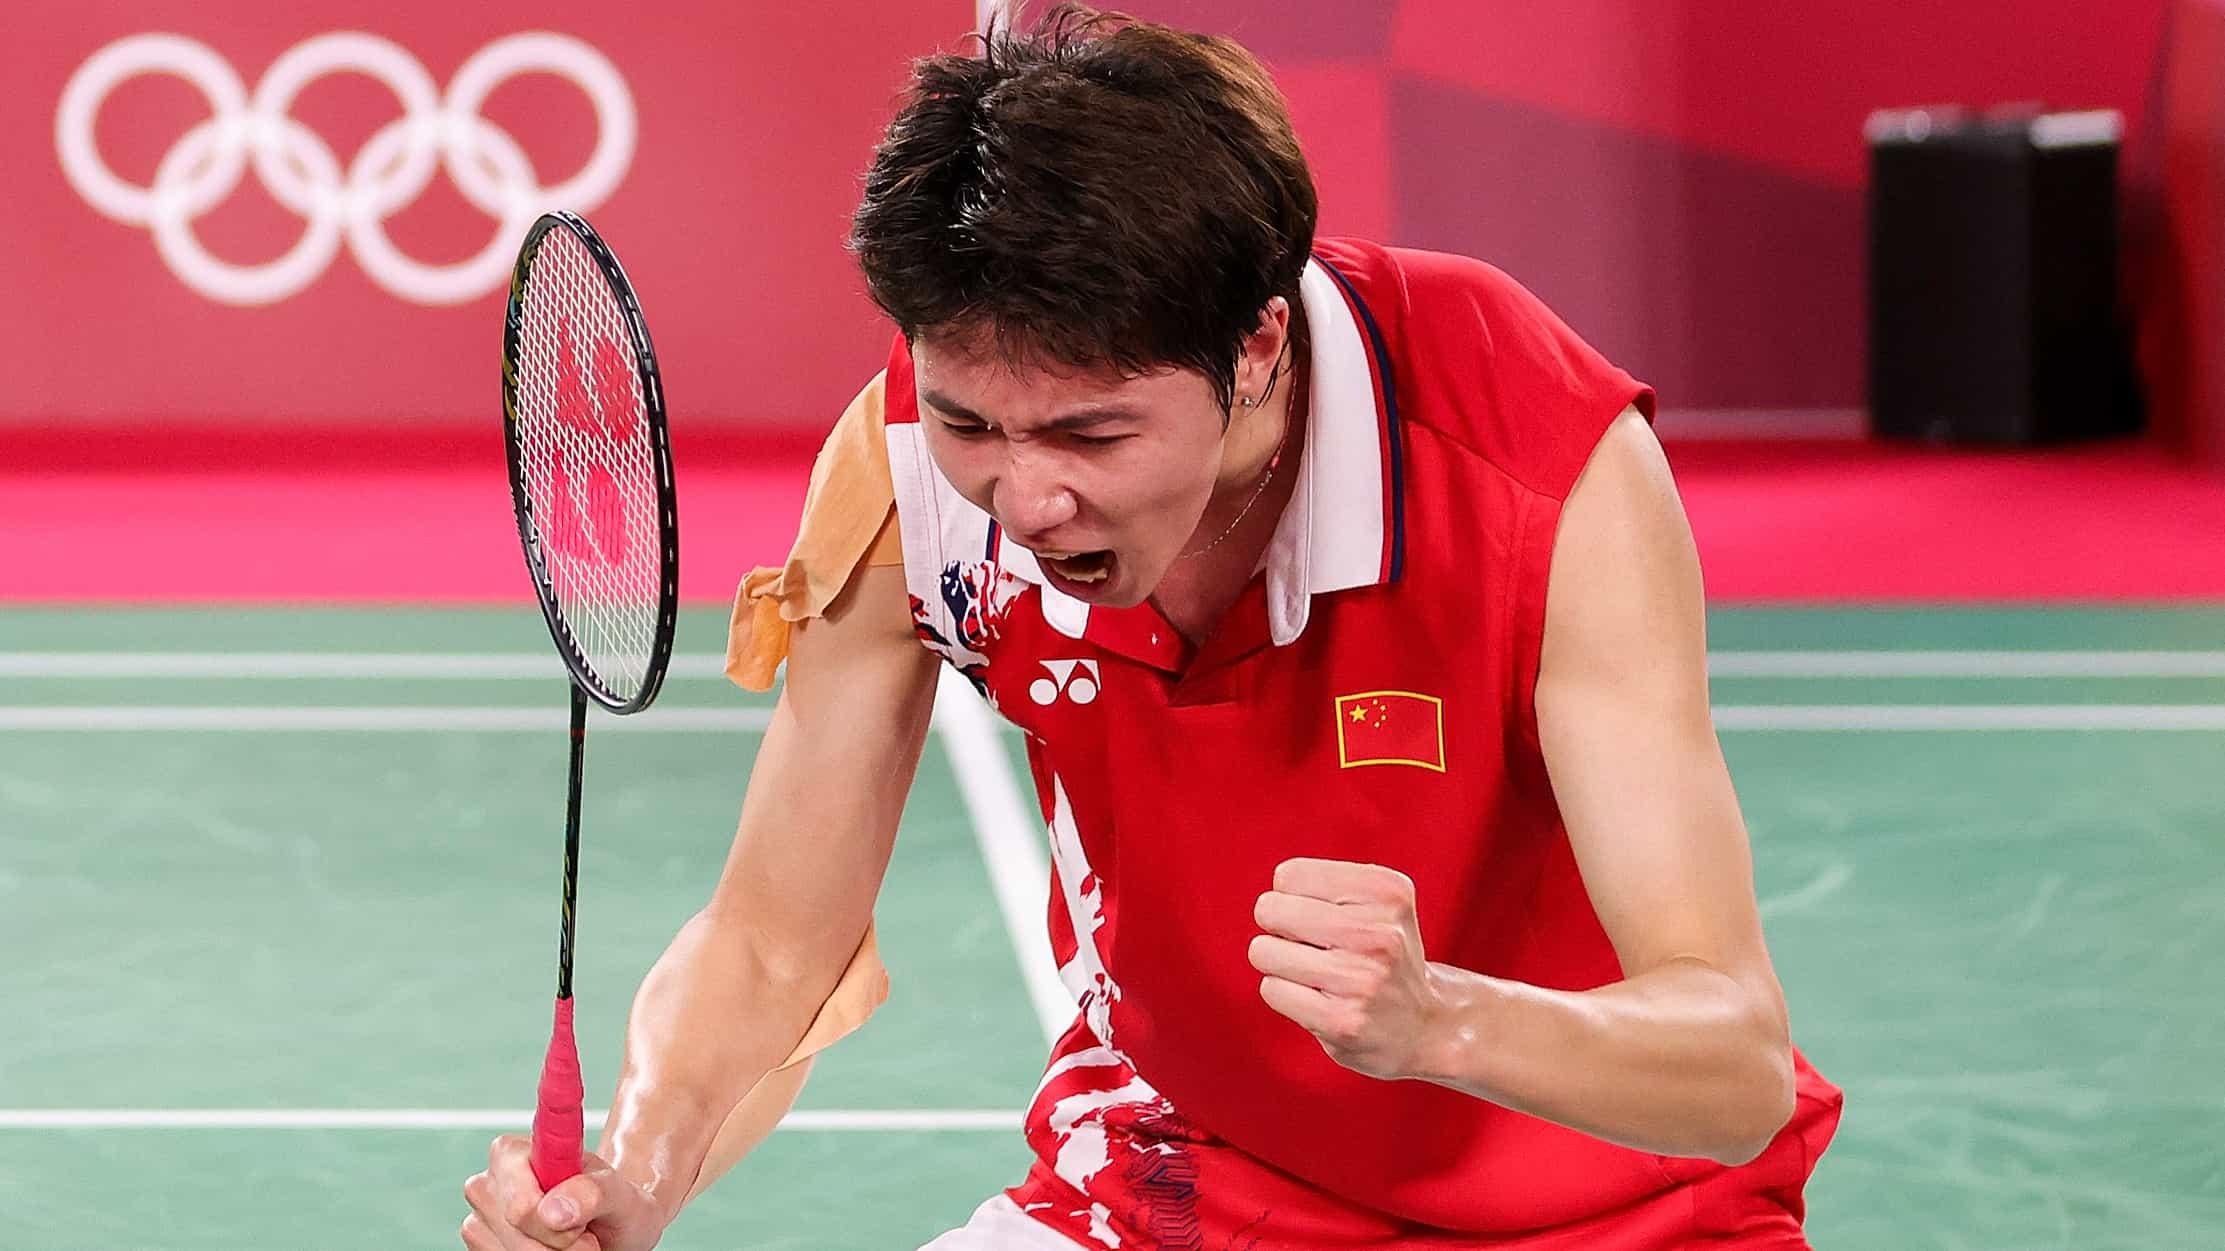 Li Jun Hui of China. (credit: Getty Images)